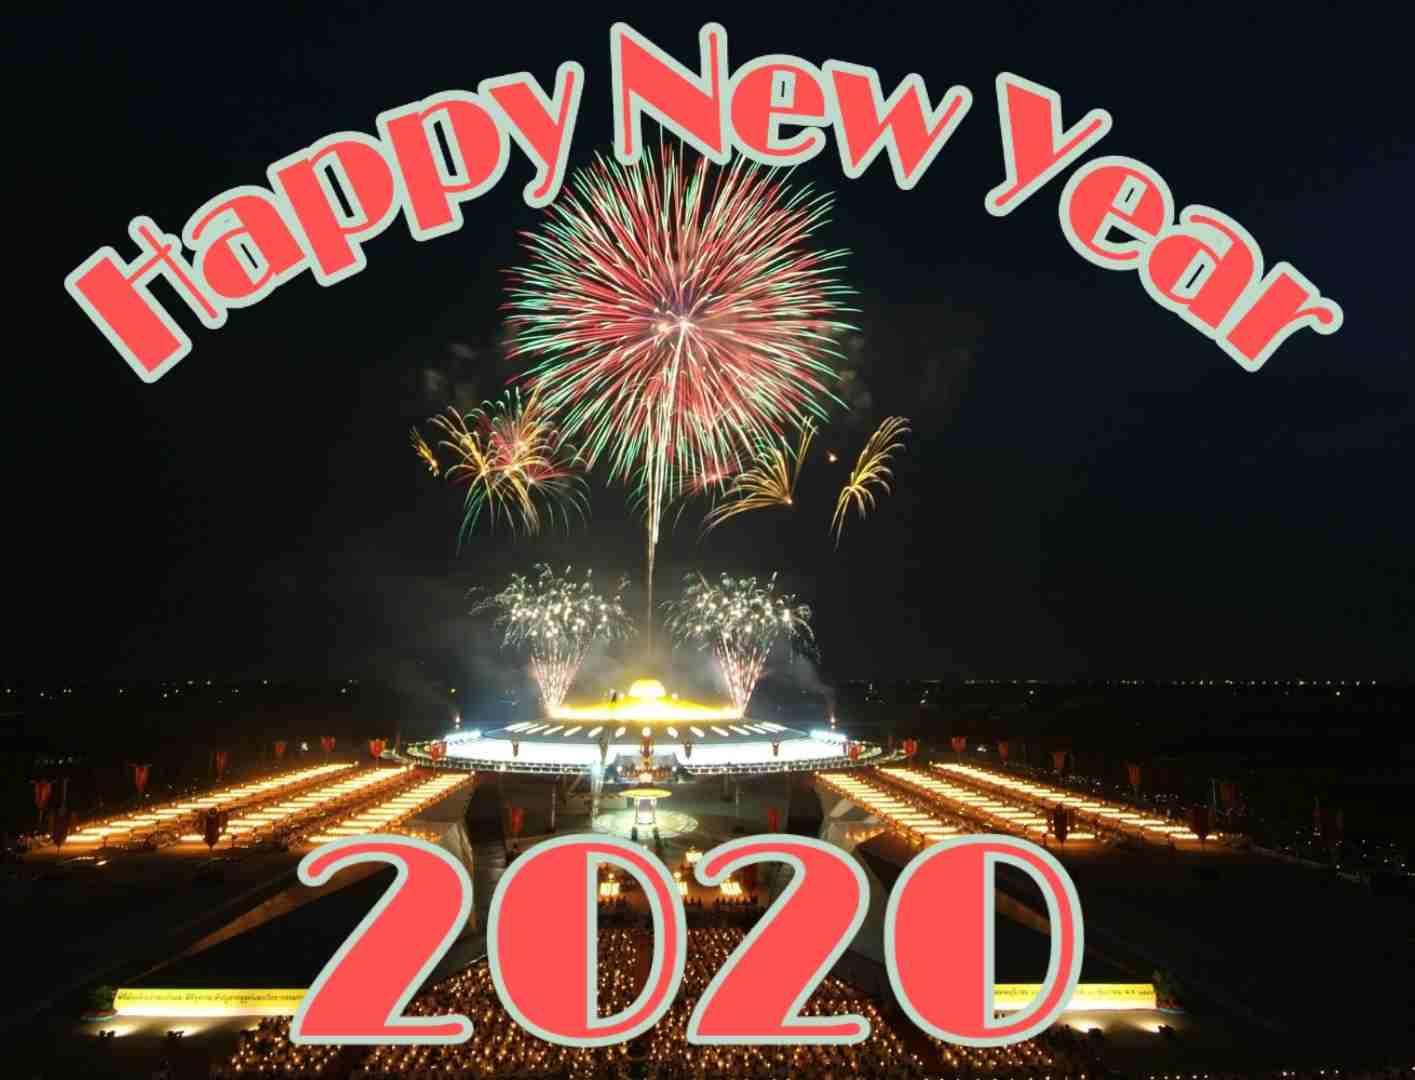 Whatsapp DP Beautiful Happy New Year 2020 Photo